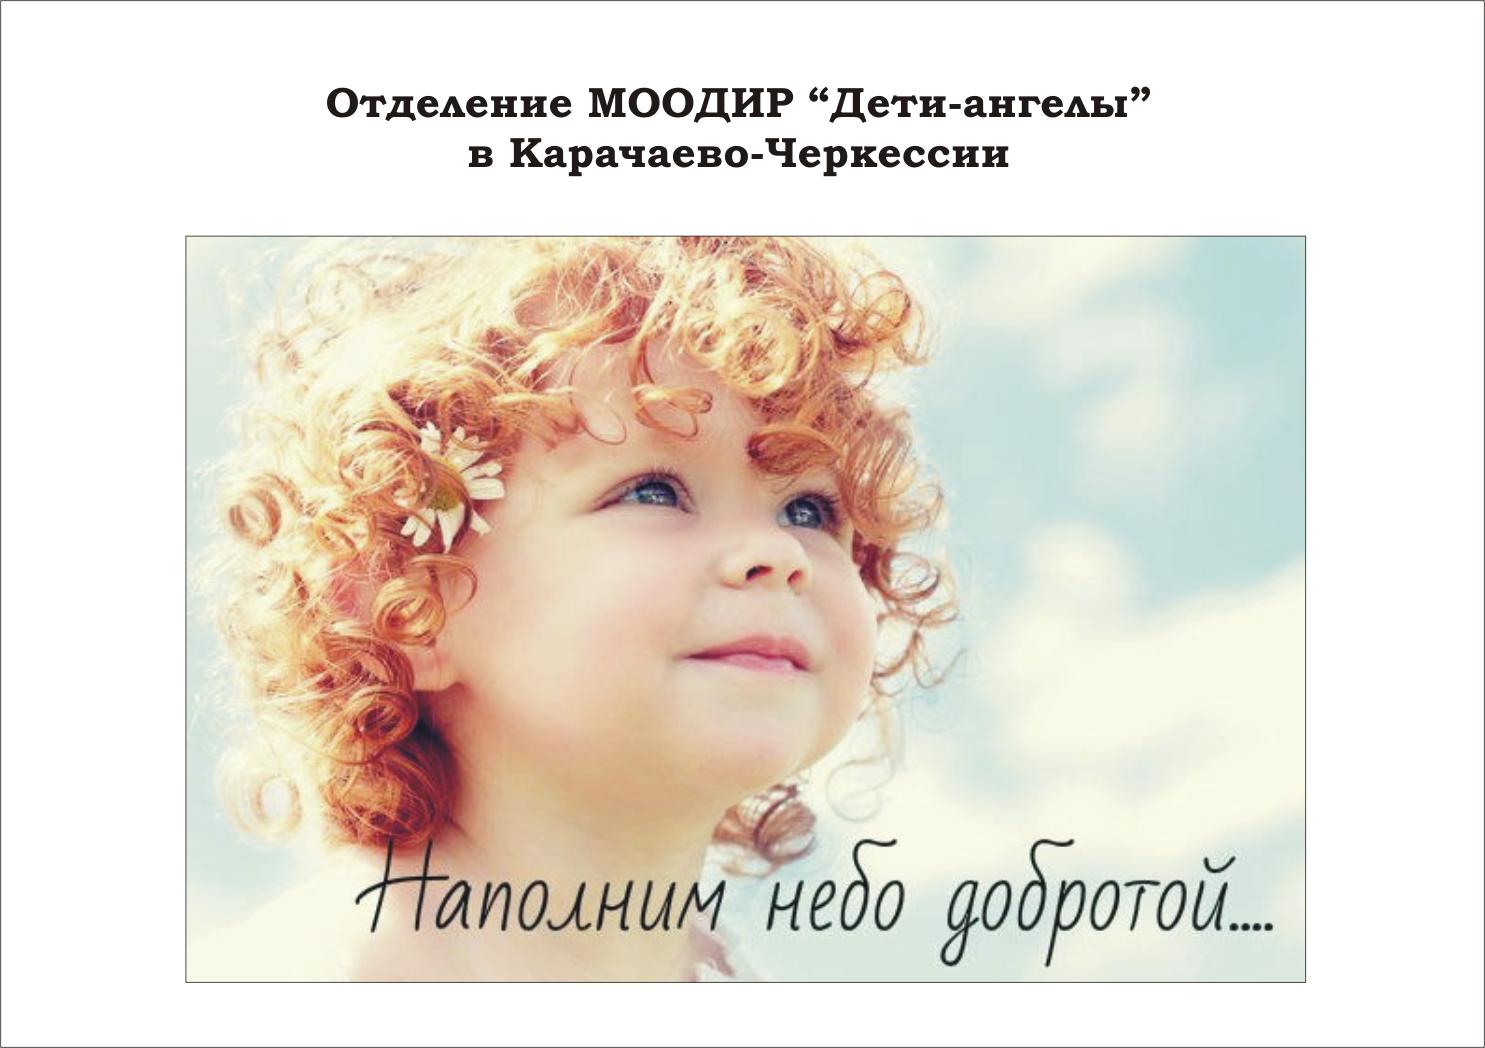 Дети-ангелы в КЧР